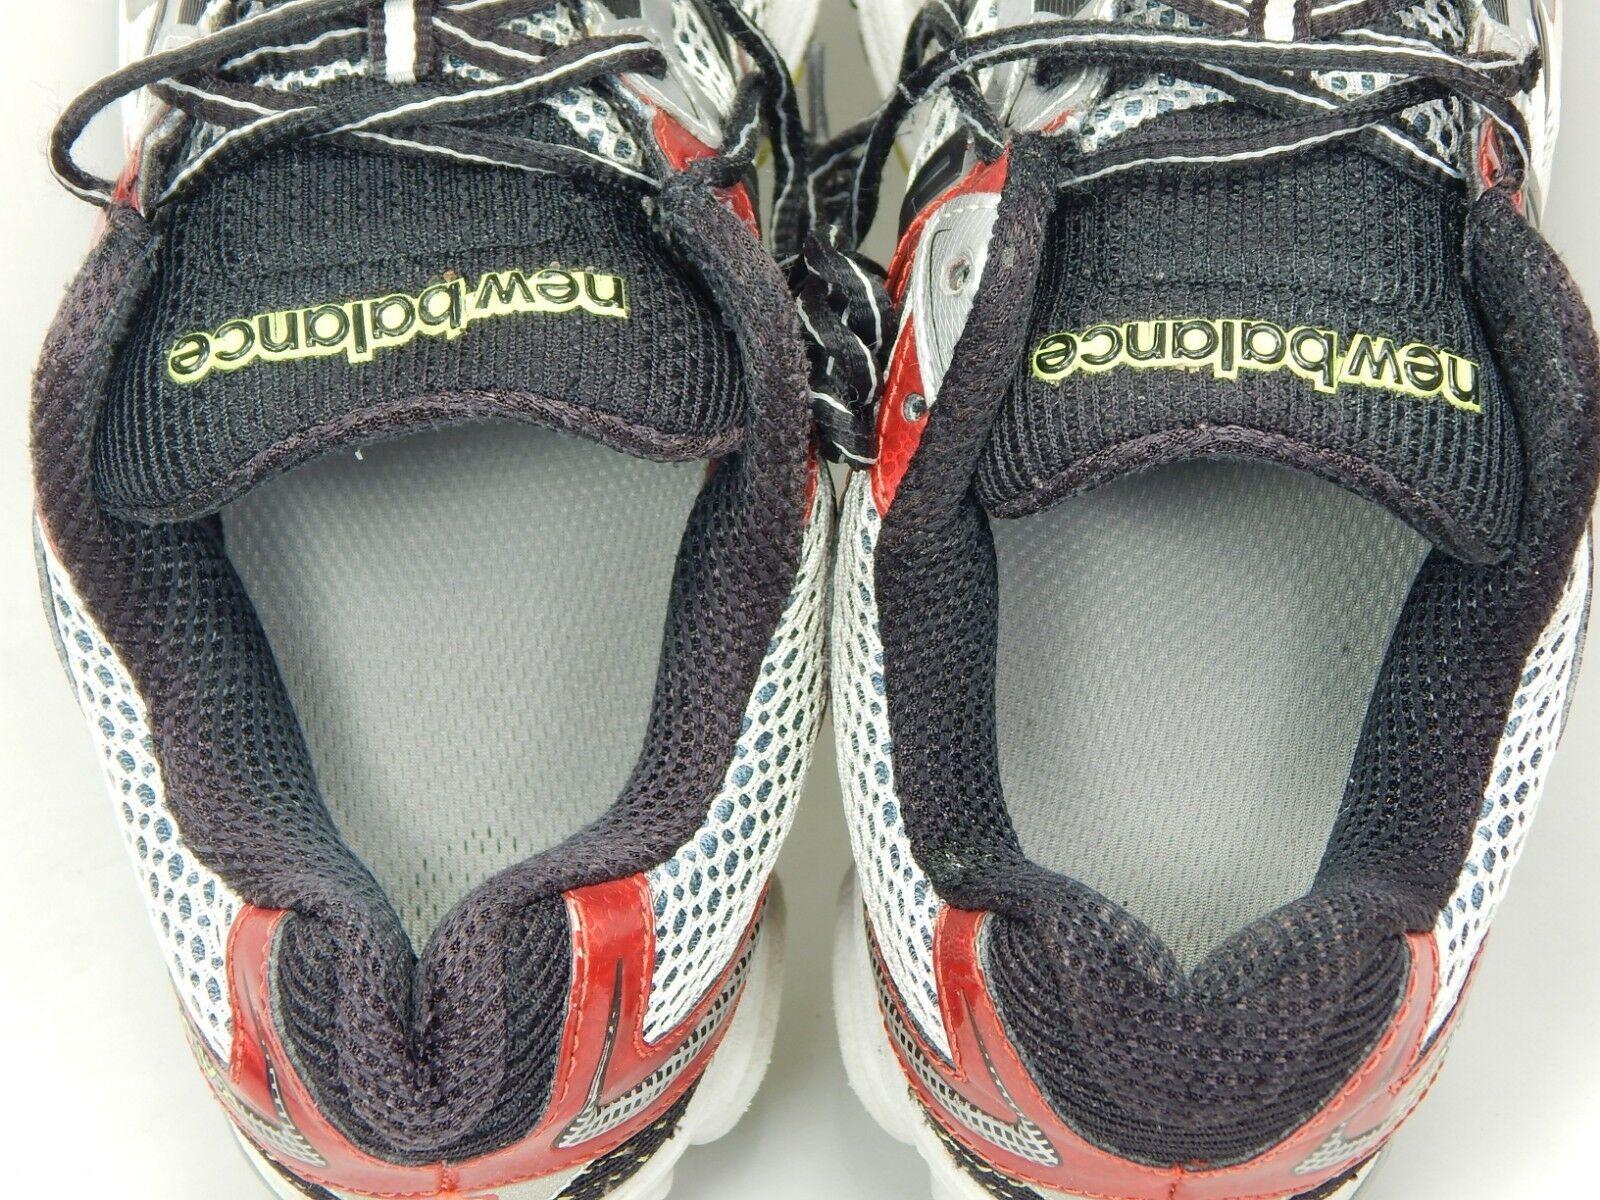 b3da55f512b359 New Balance 880 V2 Taille Us 10 M (D) Ue 44 Homme Chaussures Course